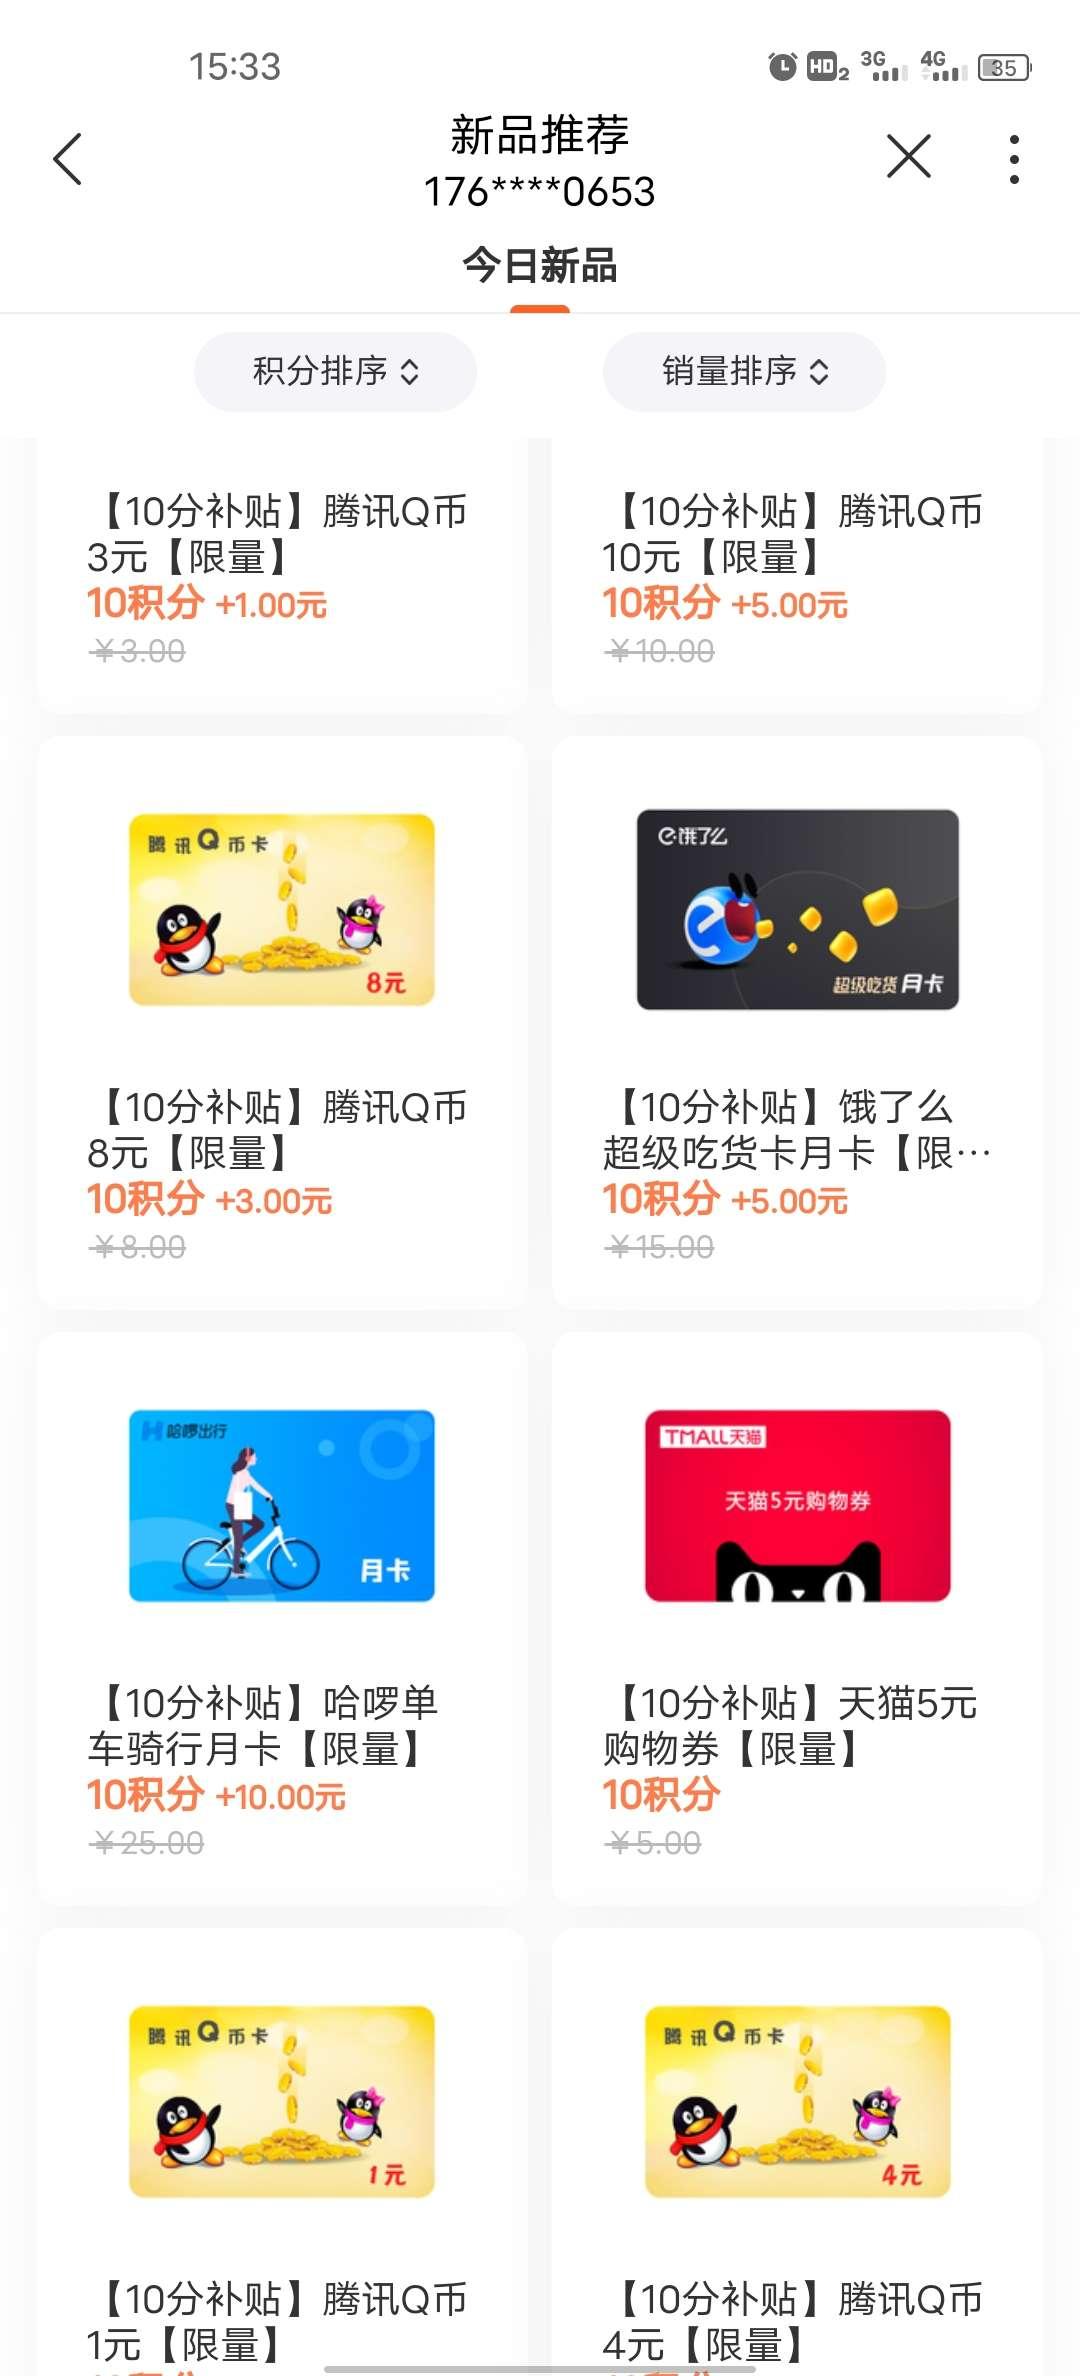 中国联通app    积分商城1元4qb